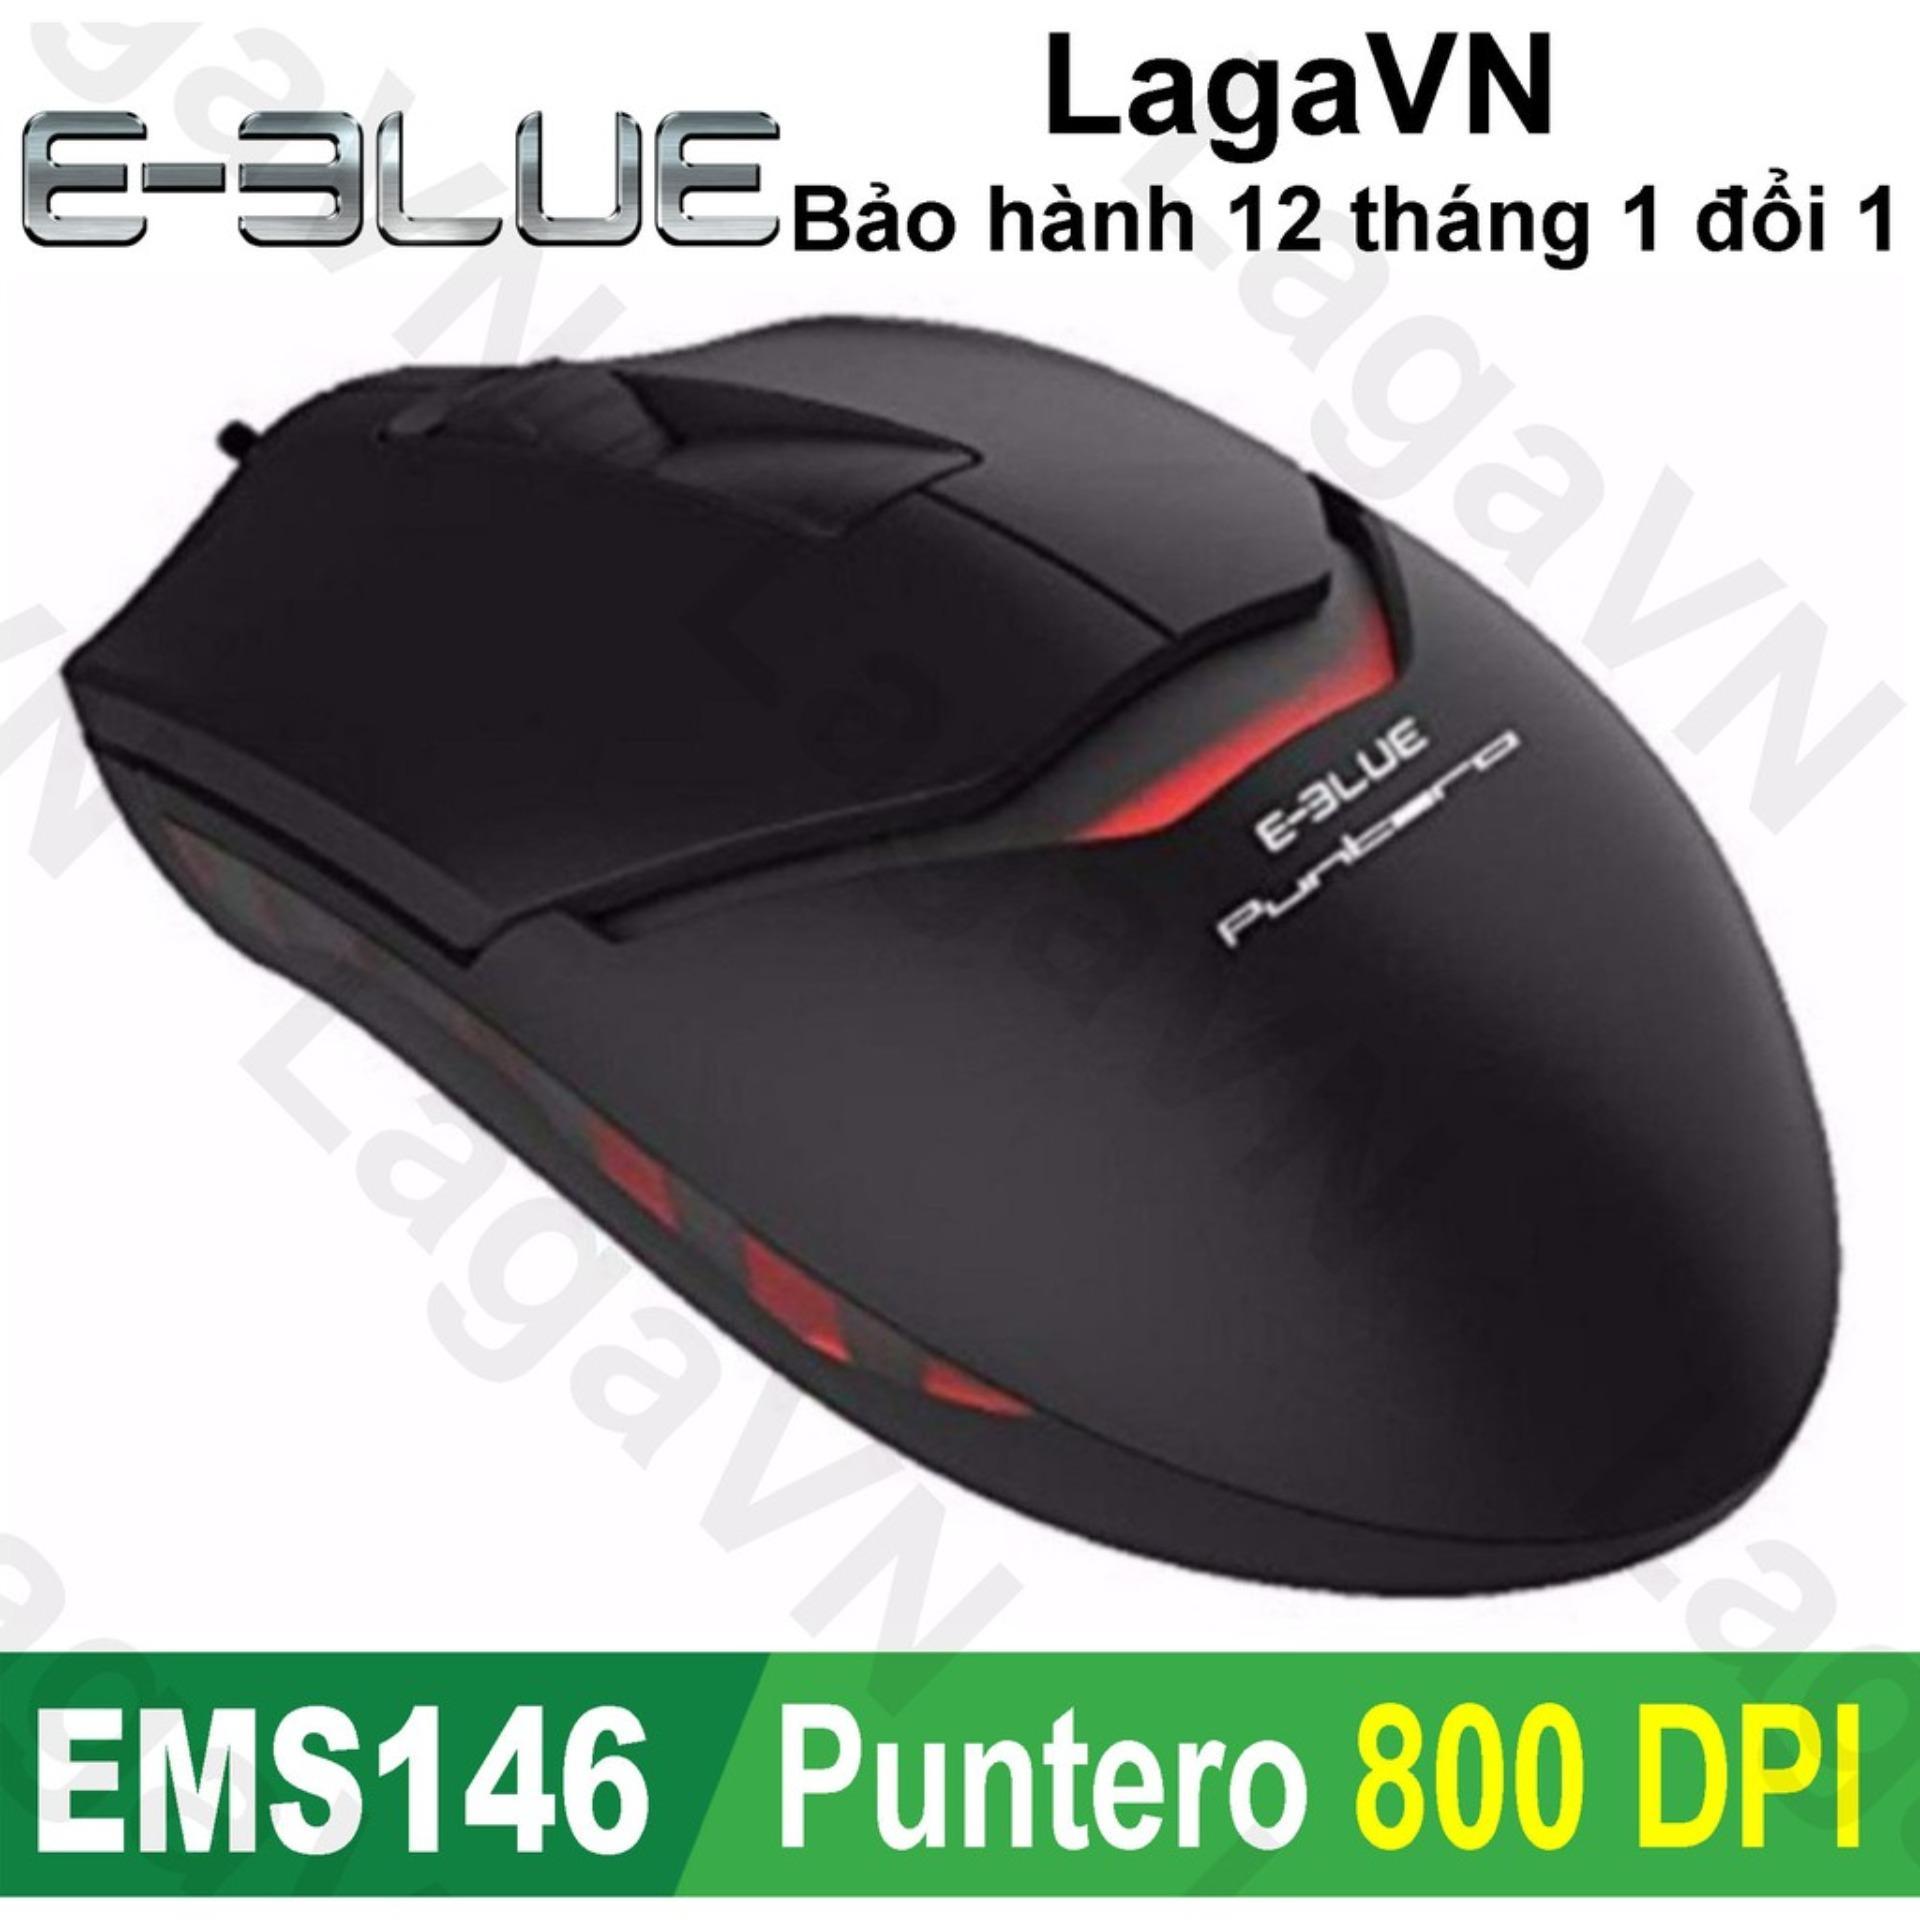 Hình ảnh Chuột quang chuyên game E-Blue Puntero EMS146 (EBlue 146) - LagaVN